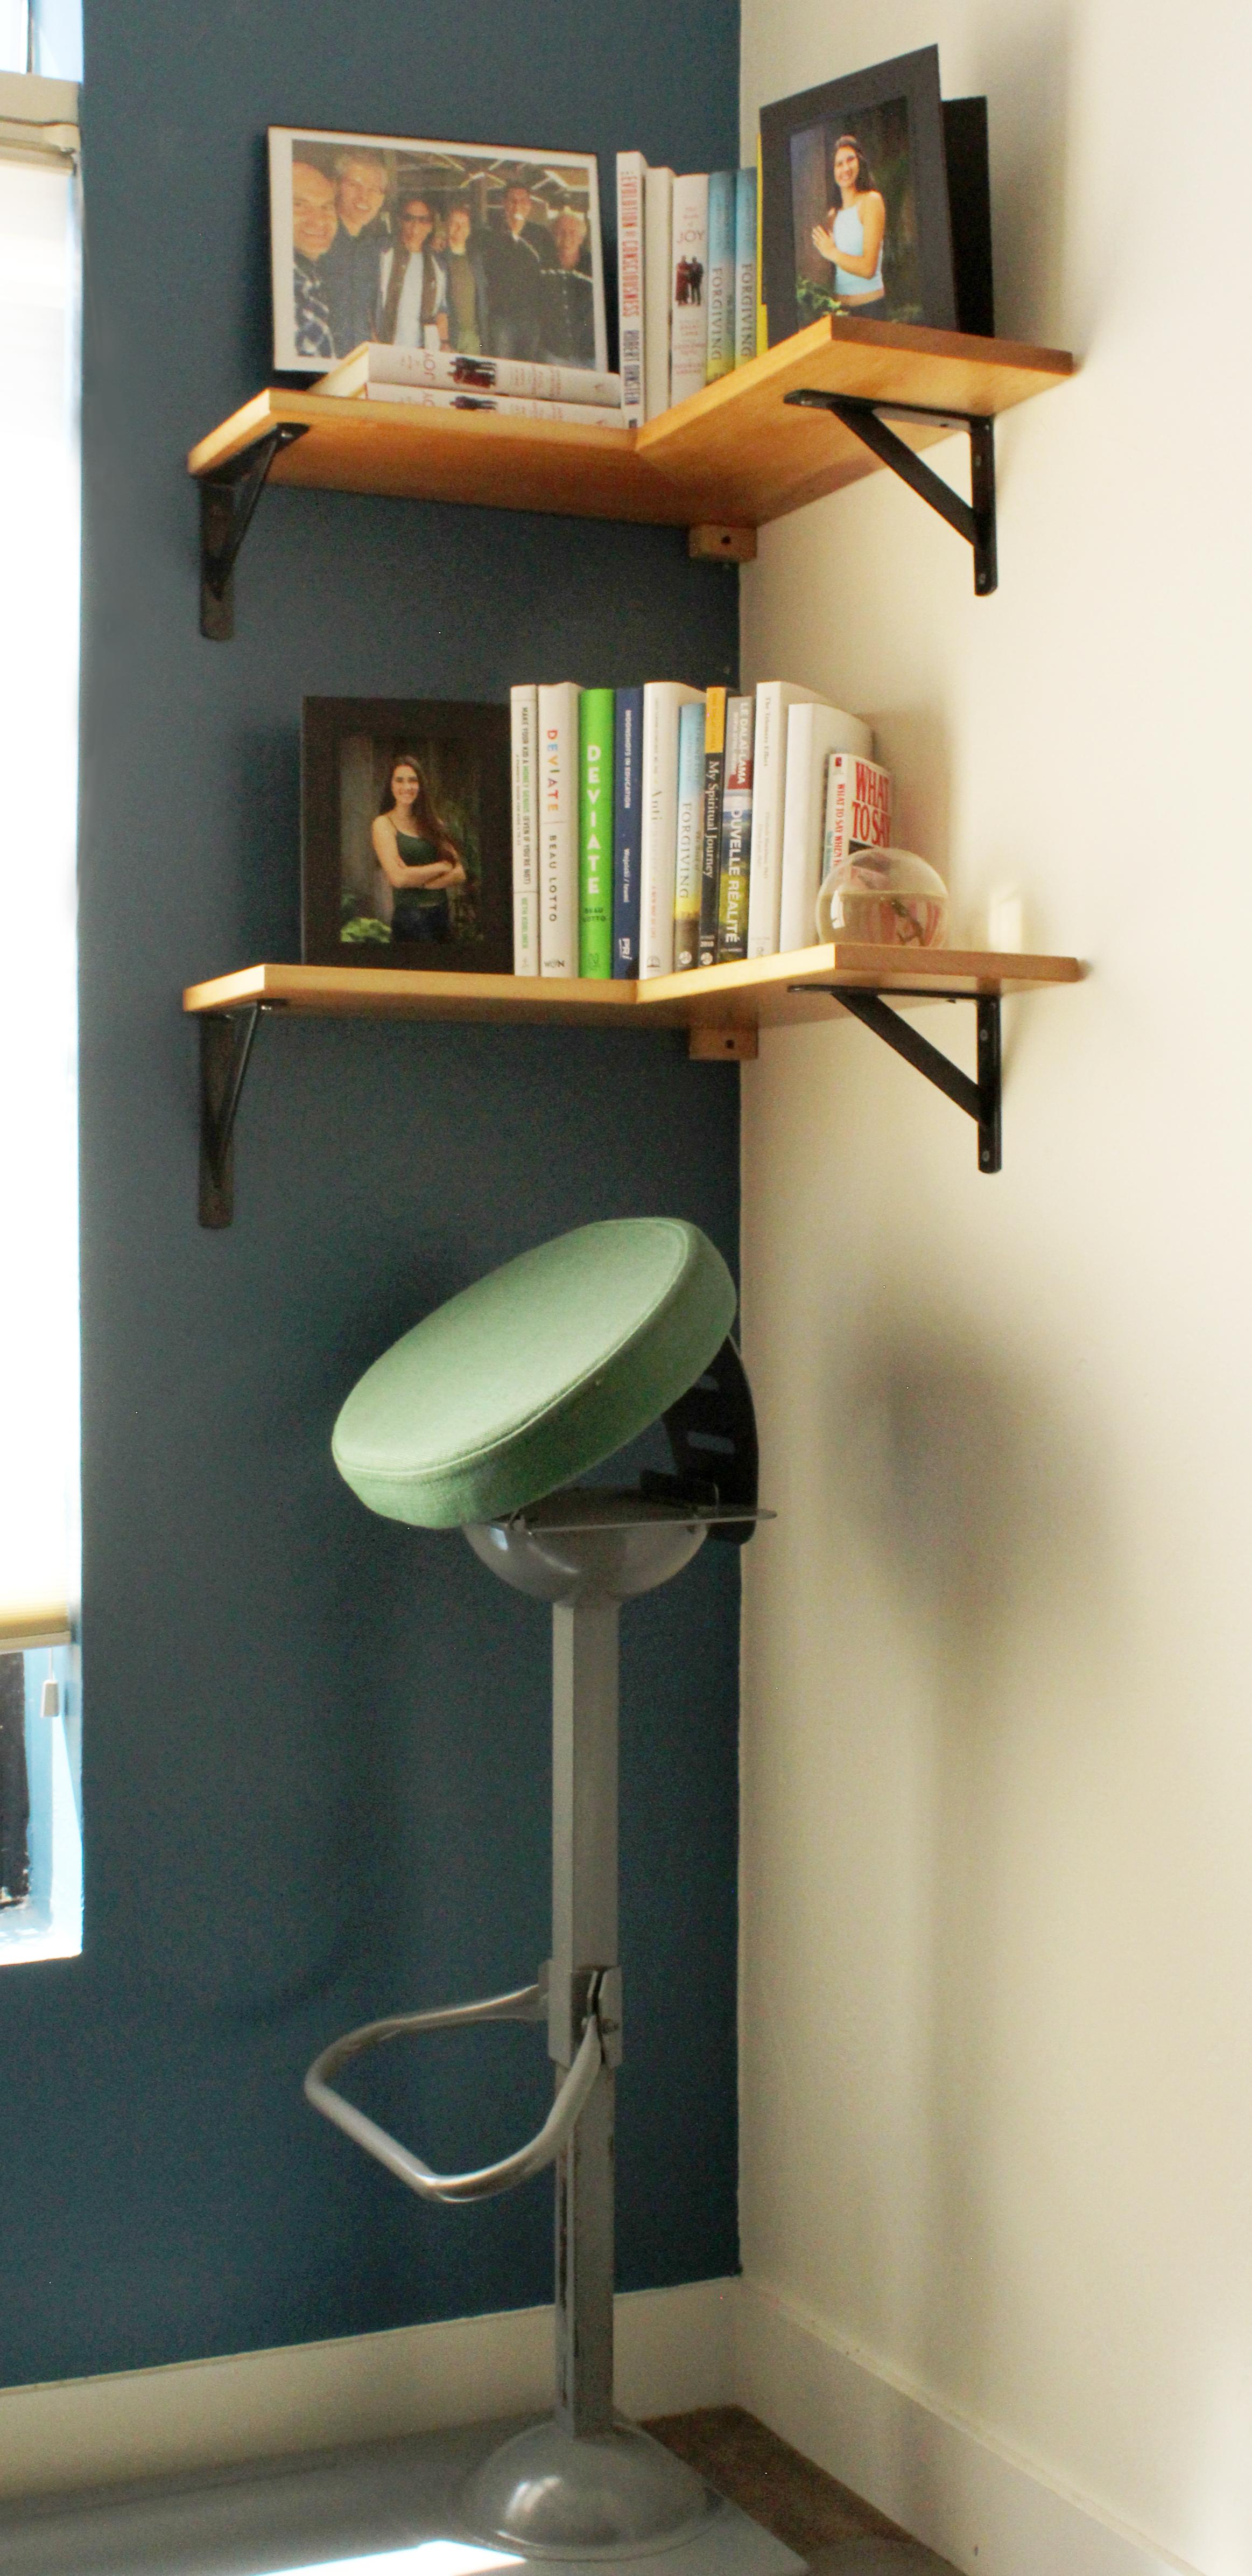 dougs office shelves.jpg